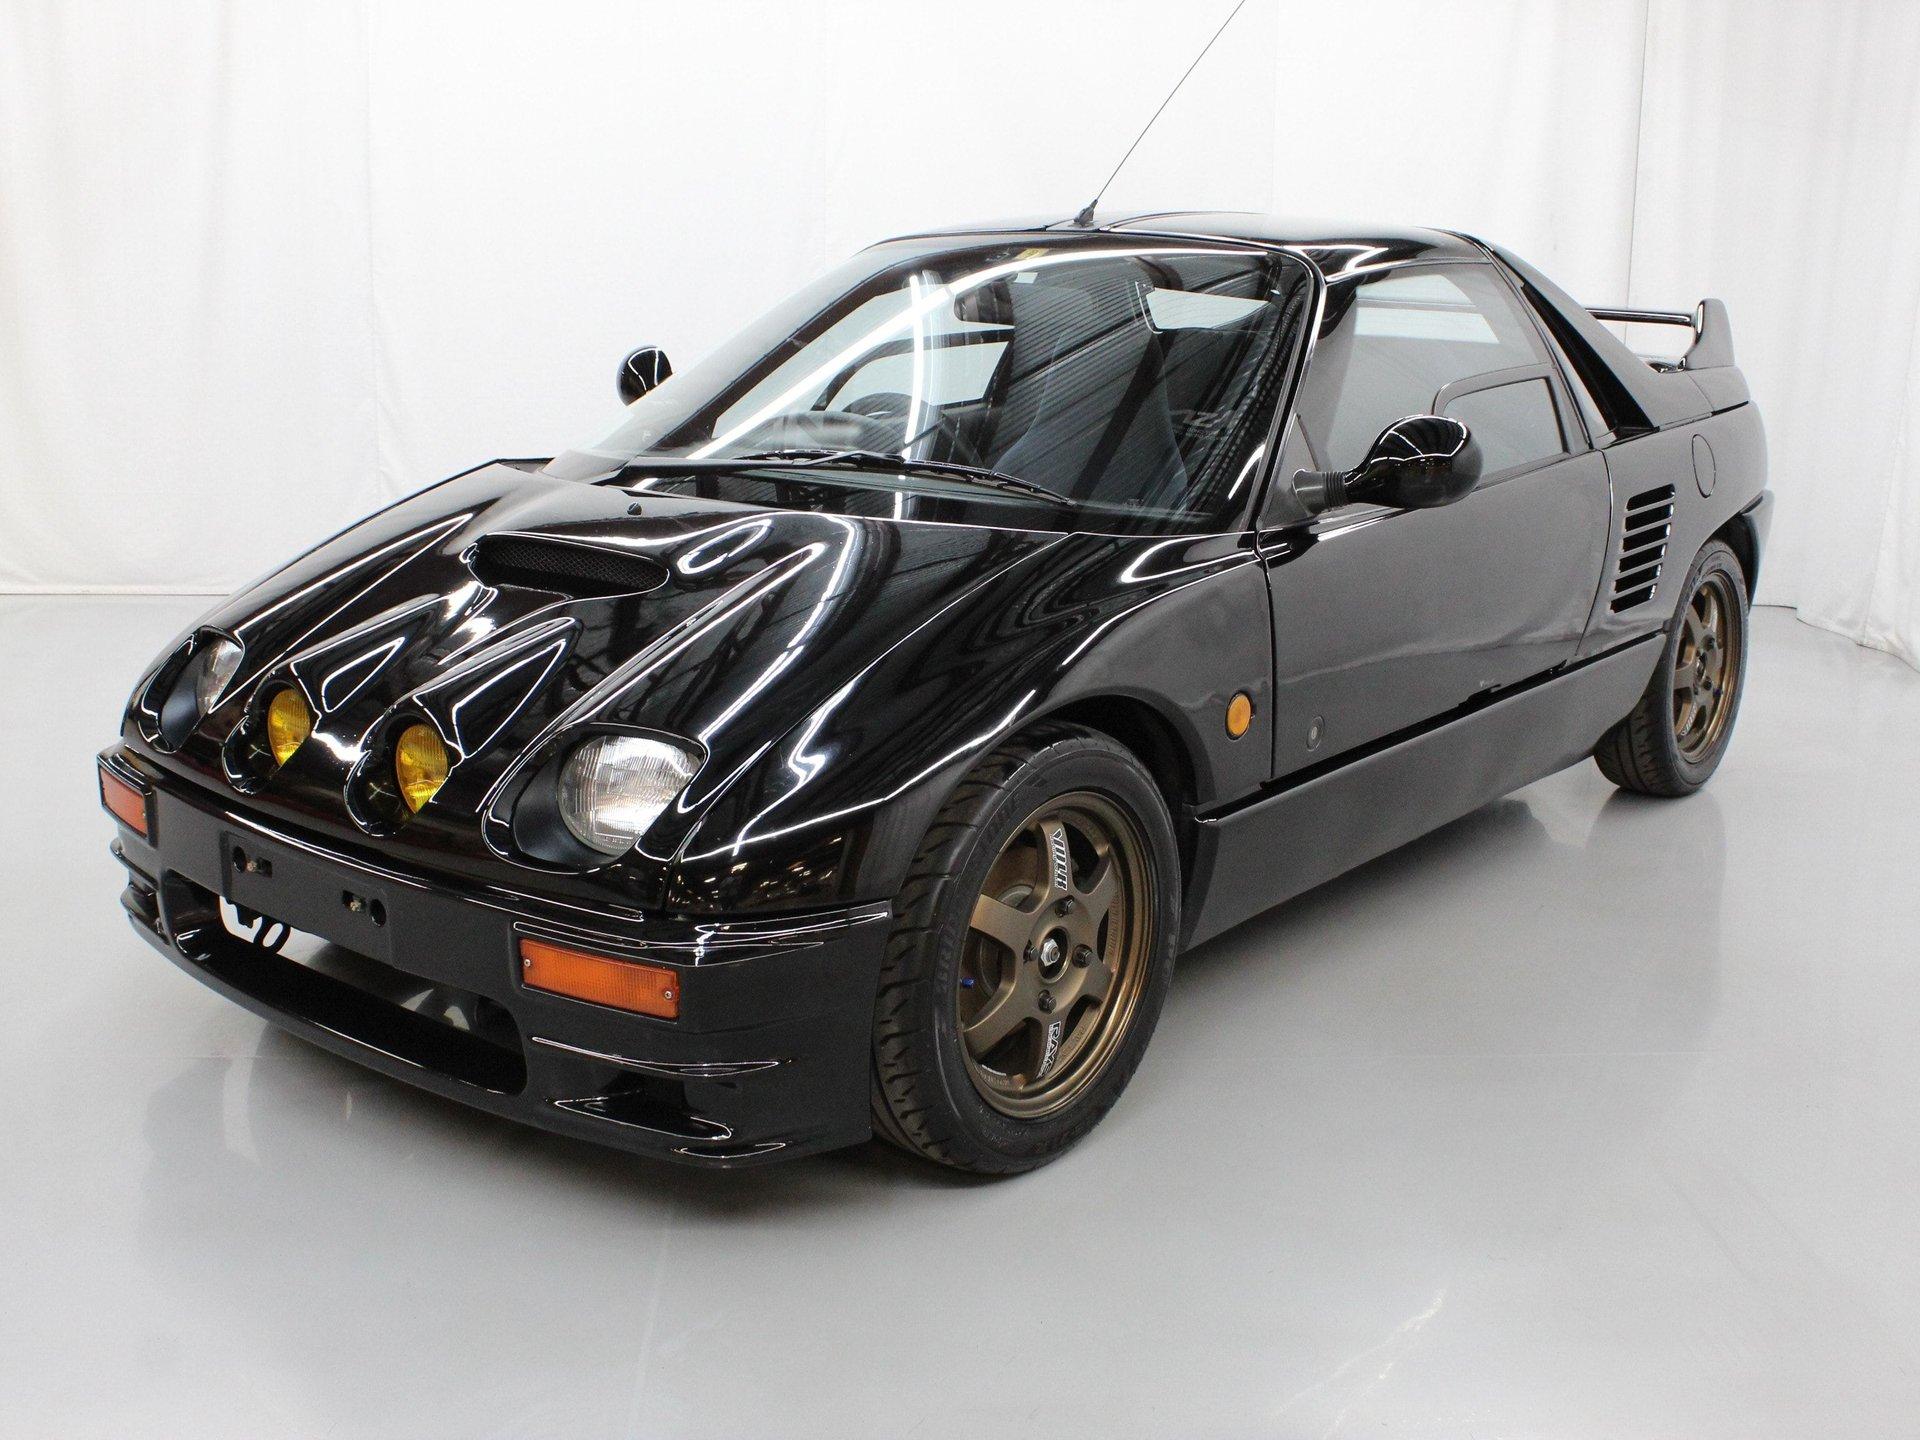 1995 Autozam AZ-1